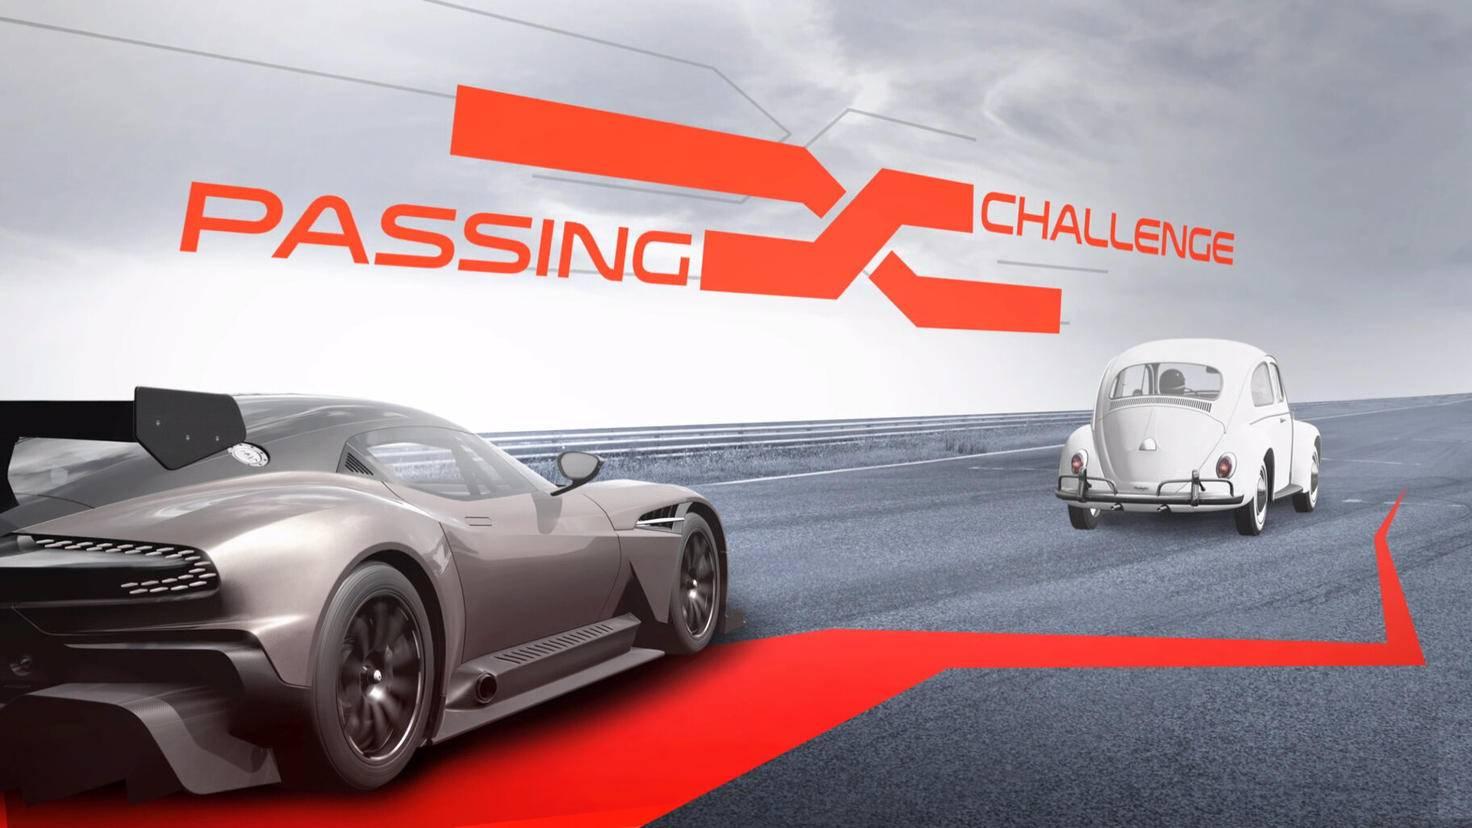 Neben Rennserien bieten auch Events wie diese Überhol-Herausforderung Abwechslung.